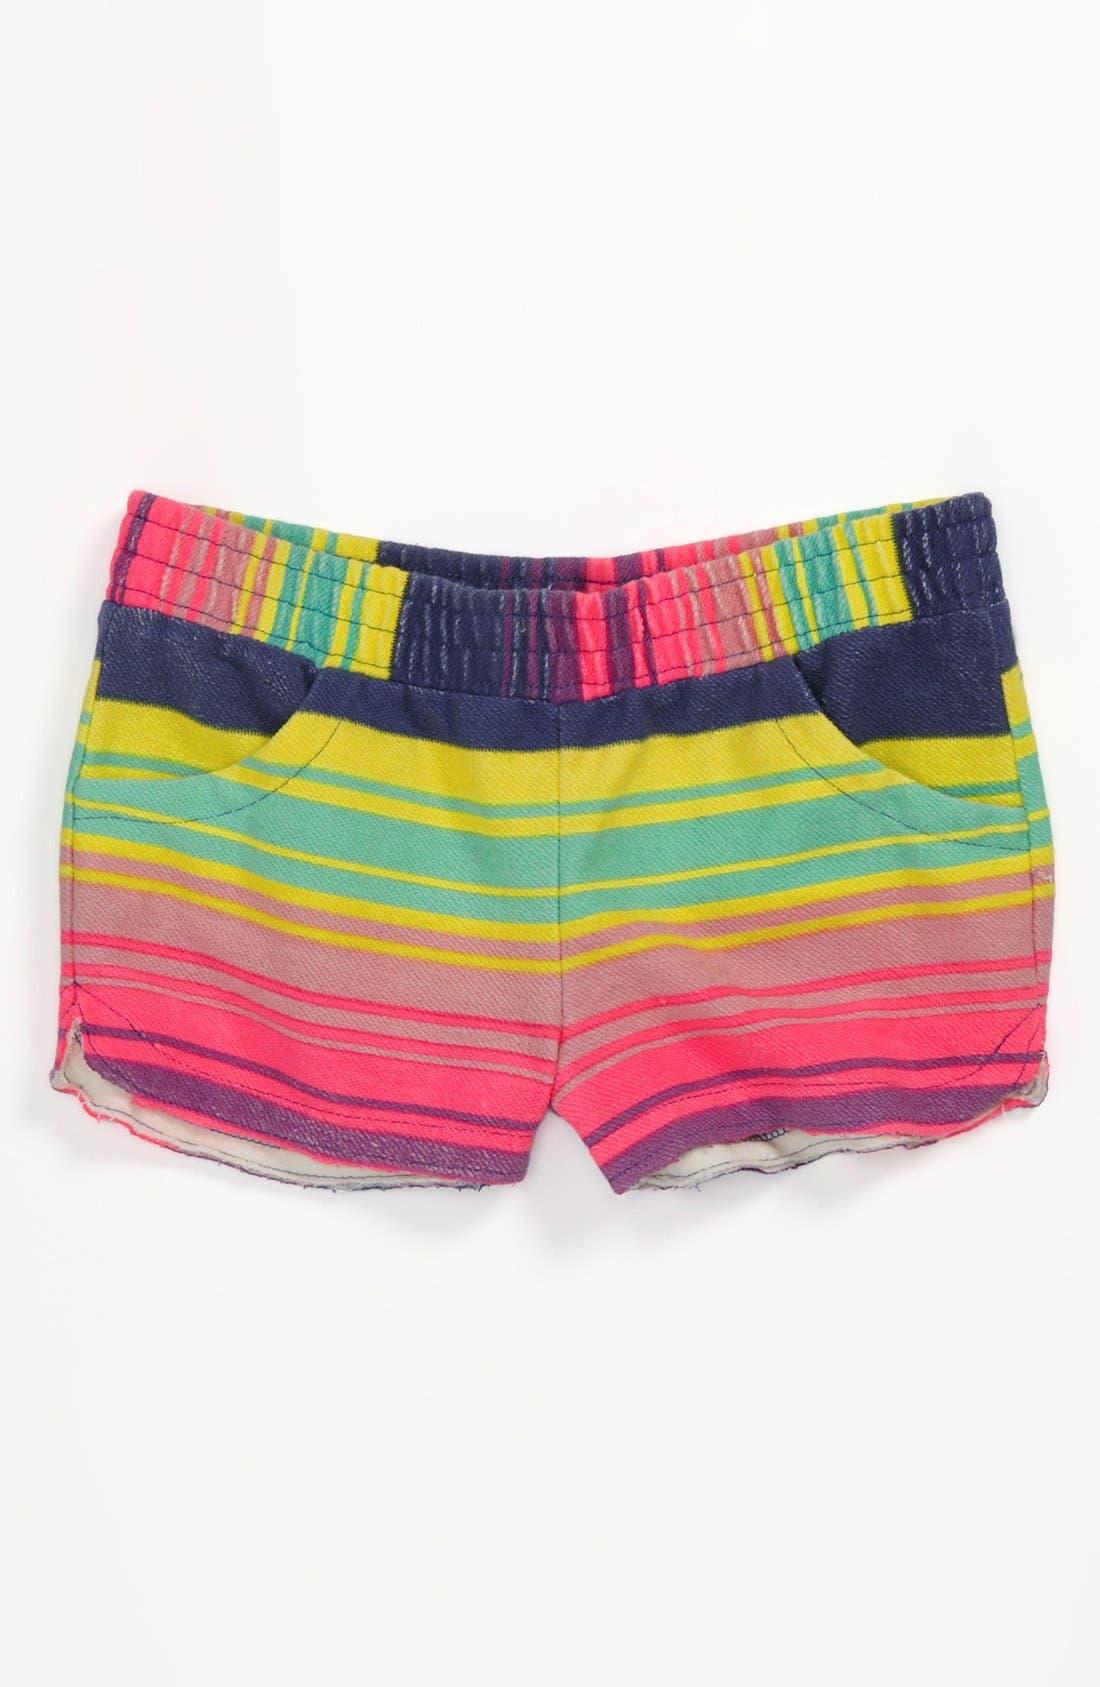 Main Image - Billabong 'Maui' Shorts (Big Girls)